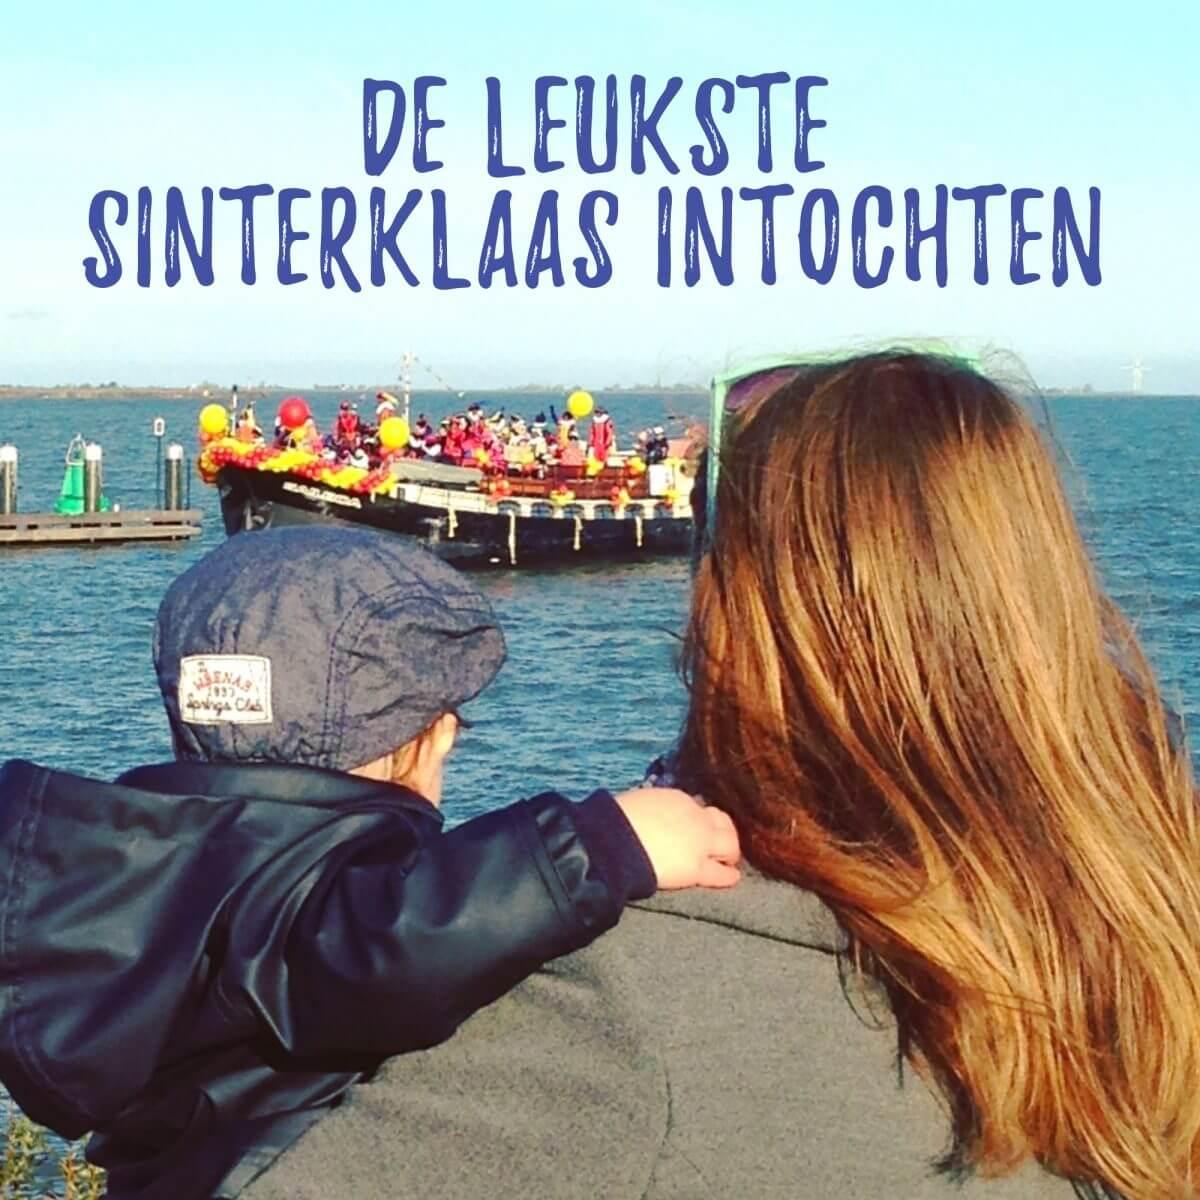 De leukste Sinterklaasintochten en Sinterklaas evenementen in in heel Nederland